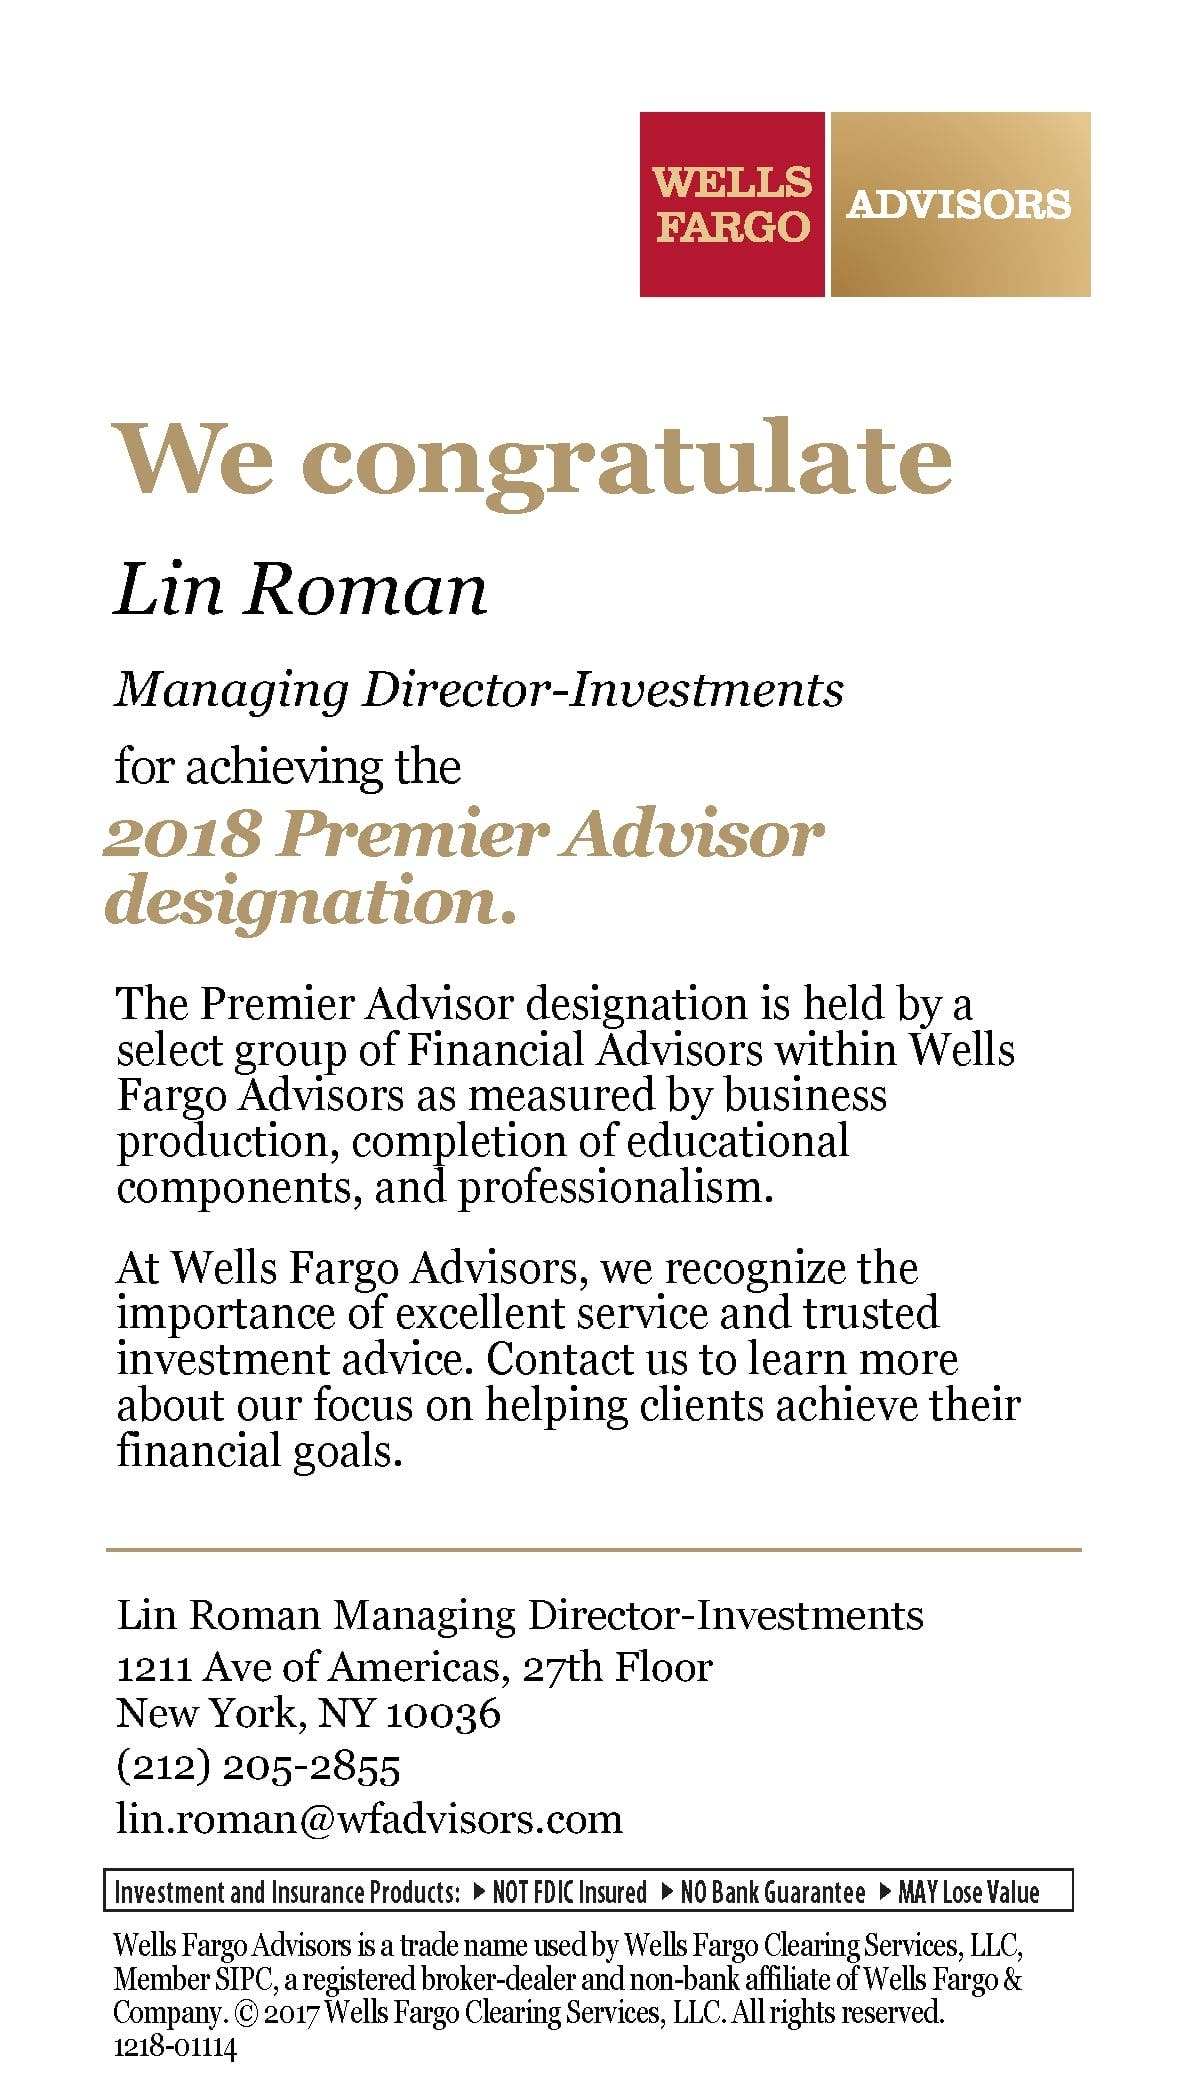 Lin Roman named a Wells Fargo Advisors 2018 Premier Advisor